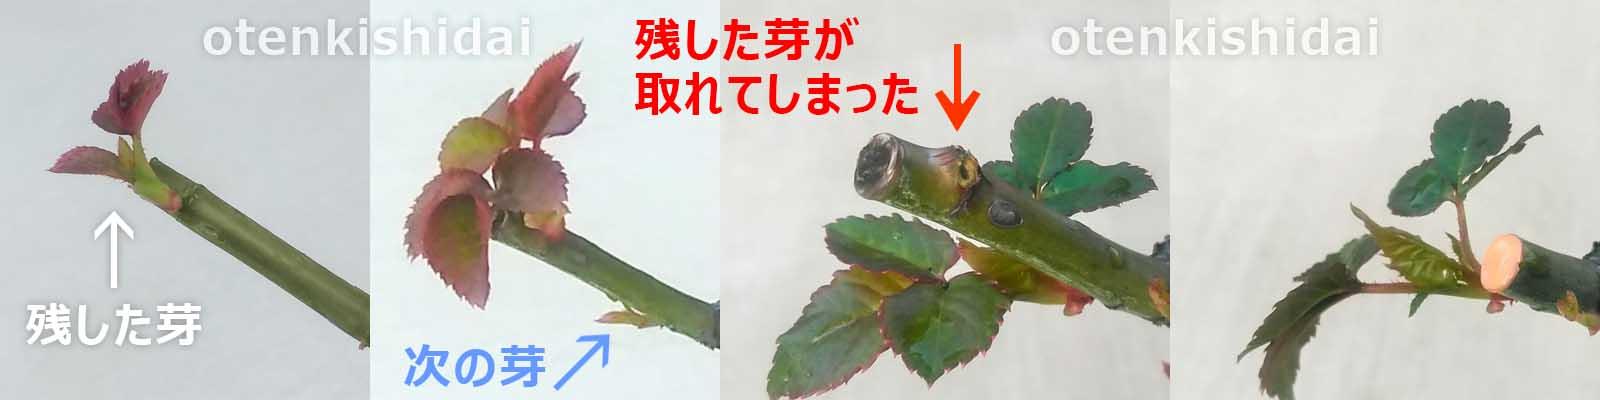 バラの芽かきの失敗